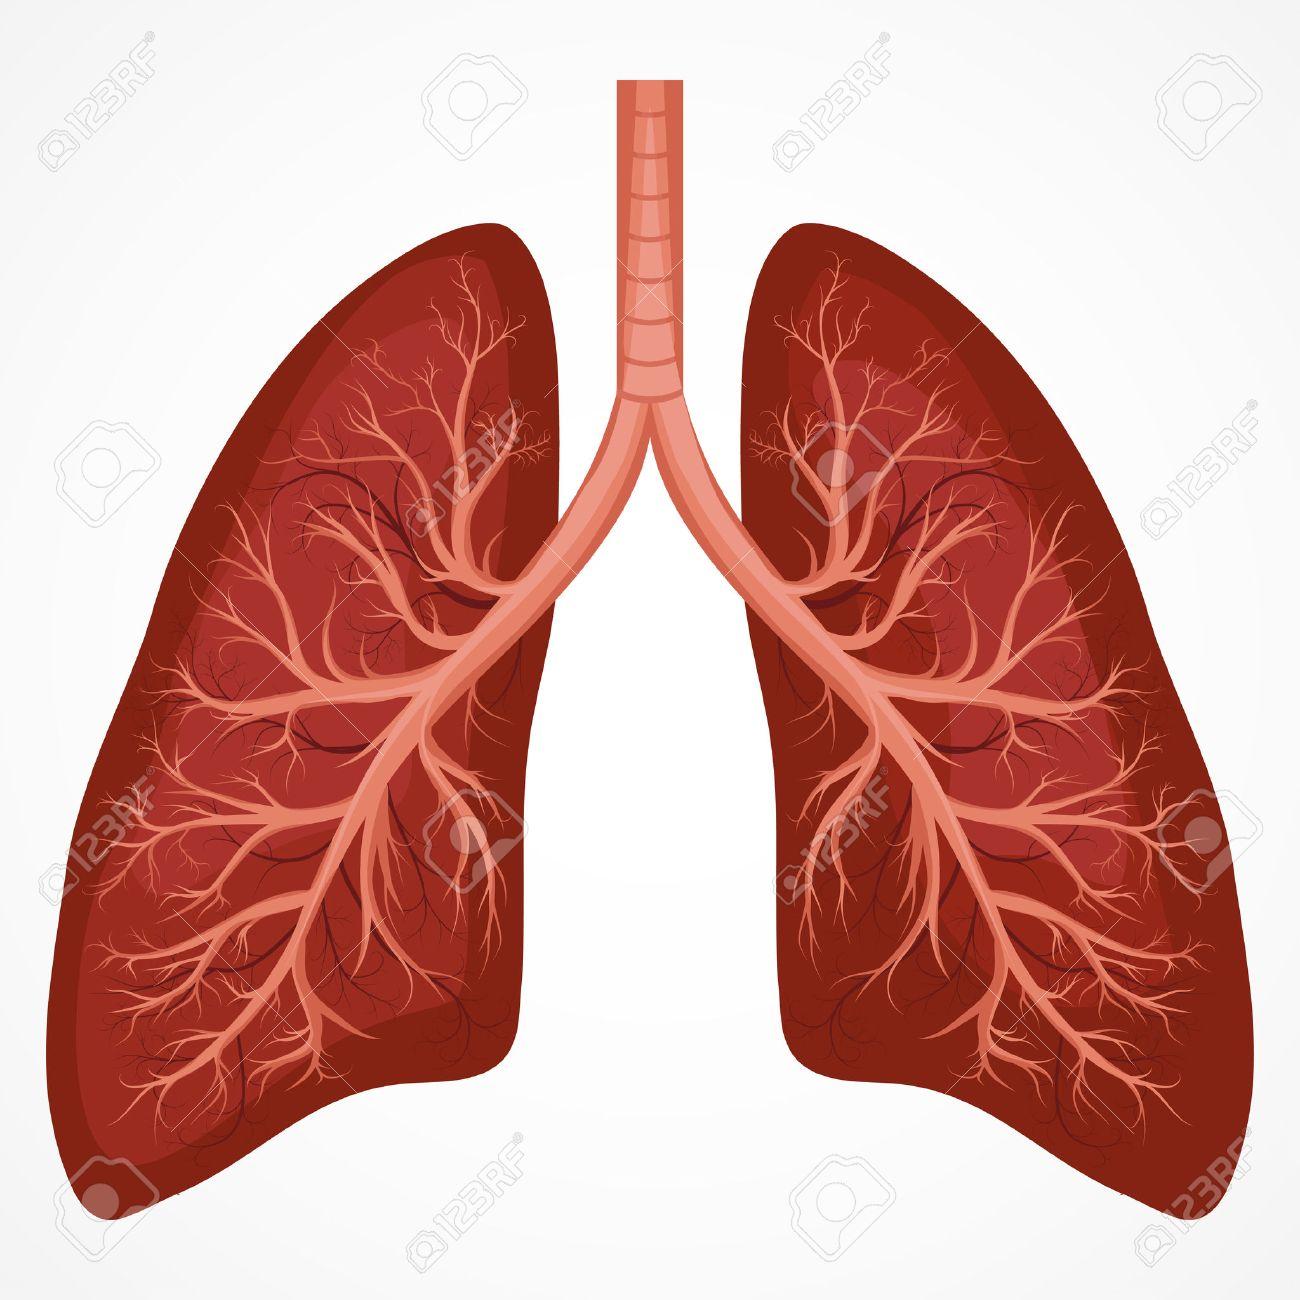 Diagrama De La Anatomía Humana De Pulmón. Enfermedad Gráficos Cáncer ...